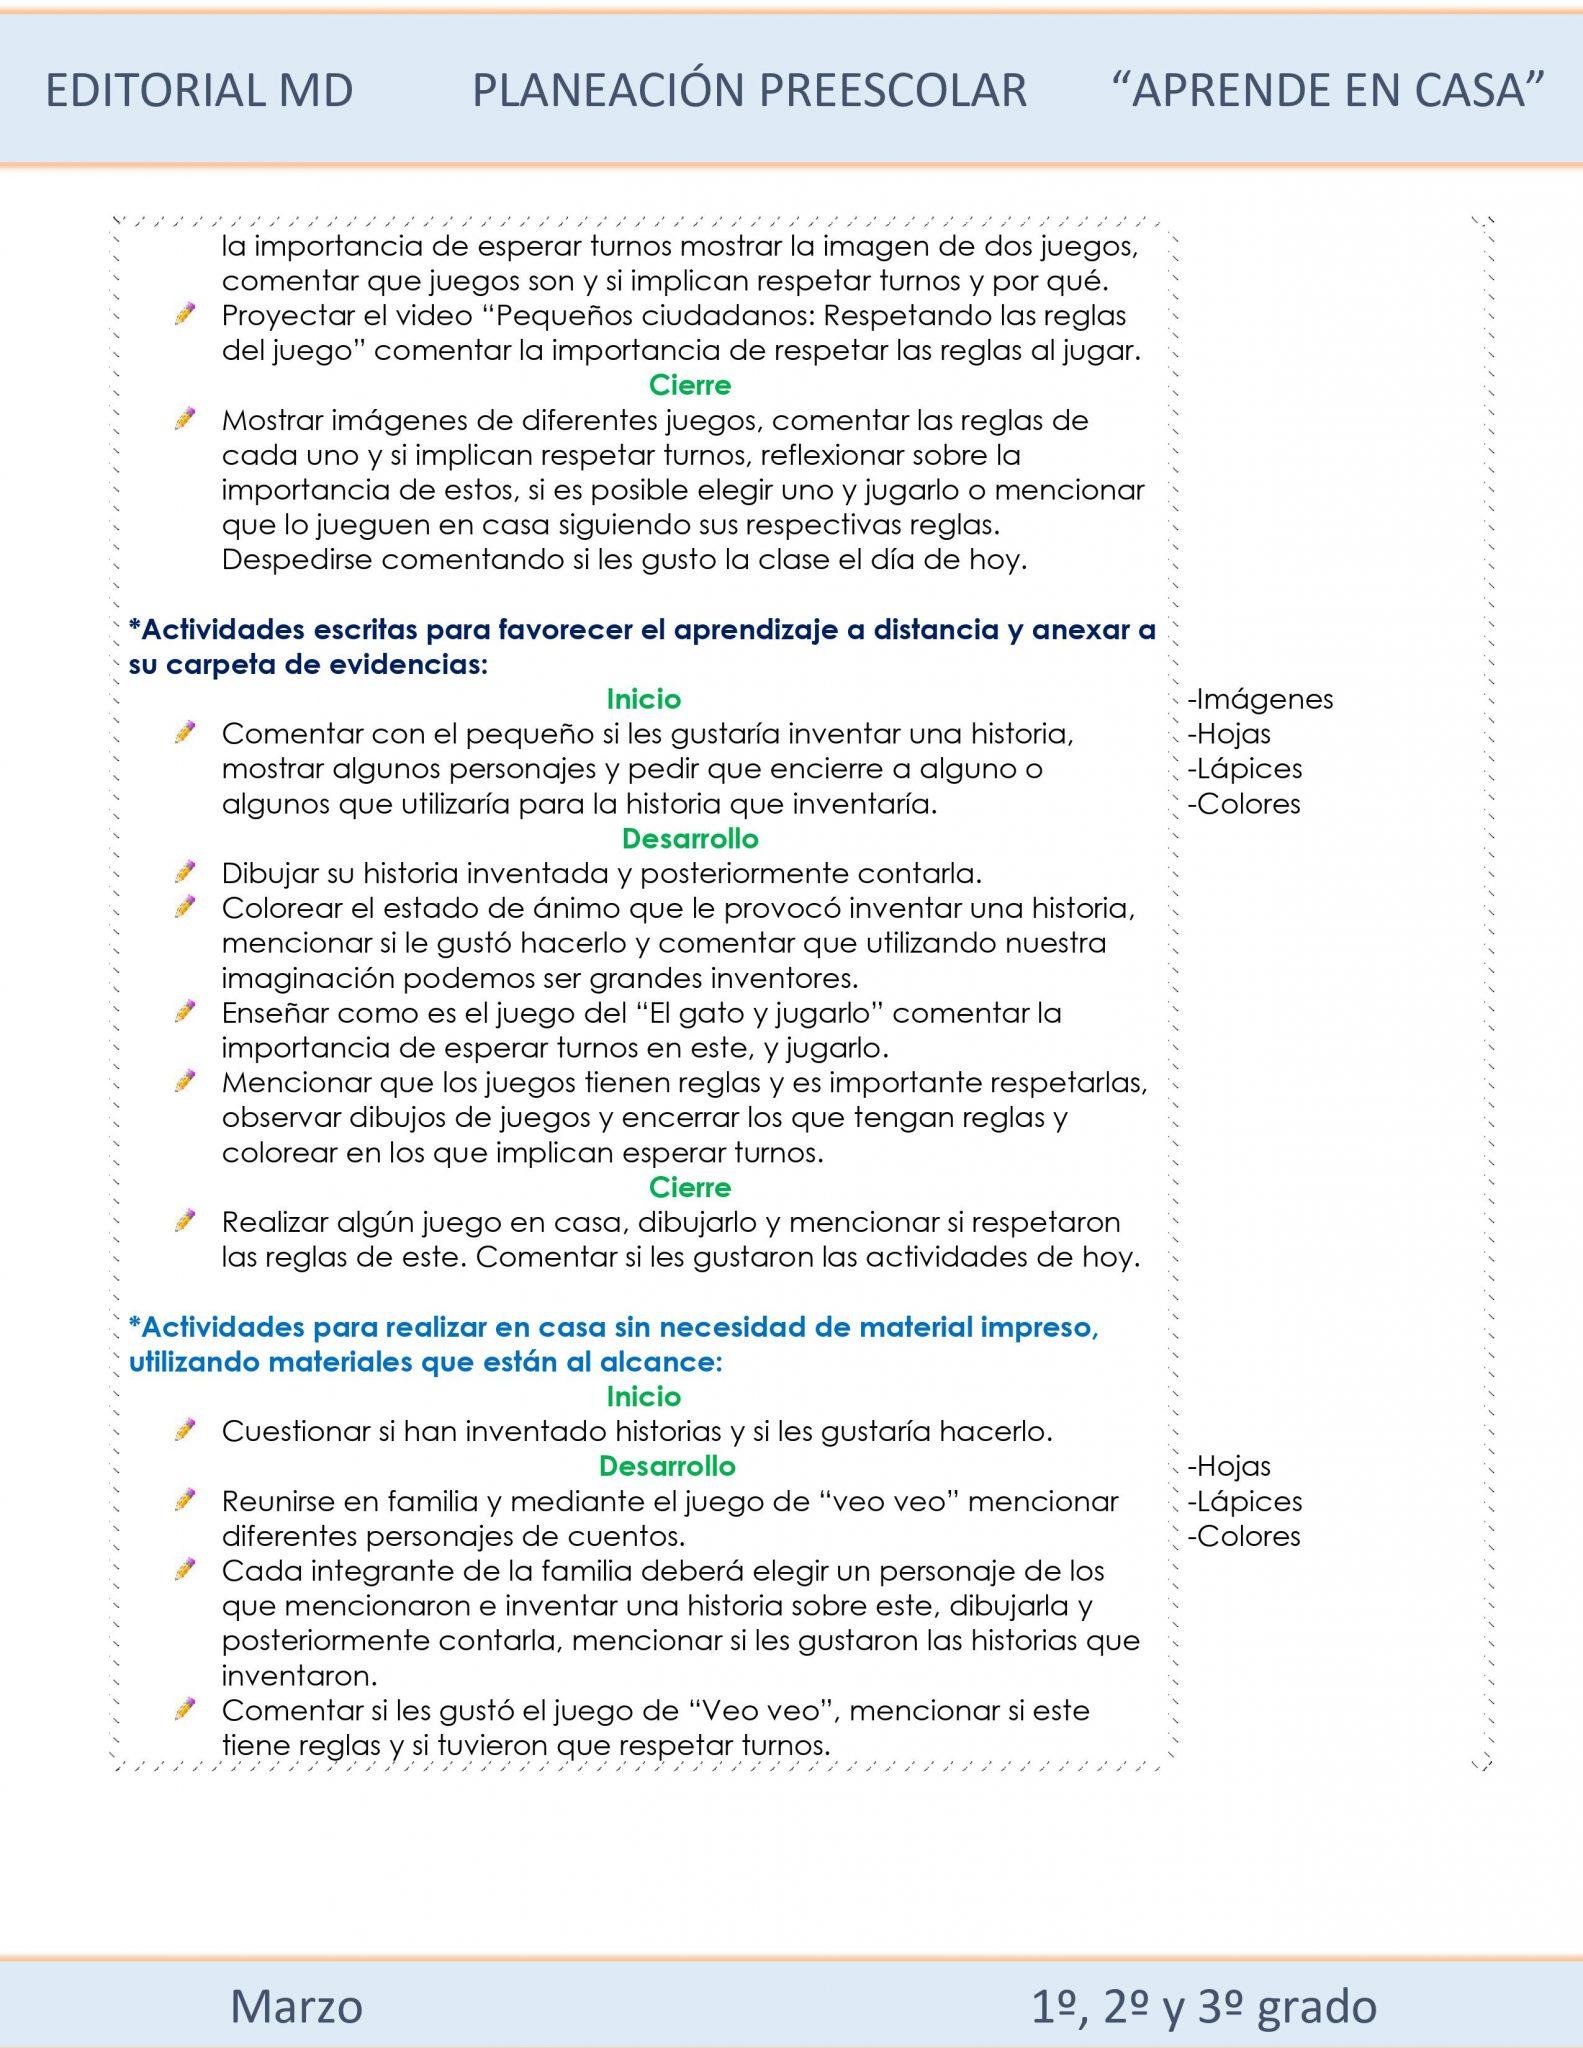 Ejemplo planeación Preescolar del 15 al 19 de marzo del 2021 02